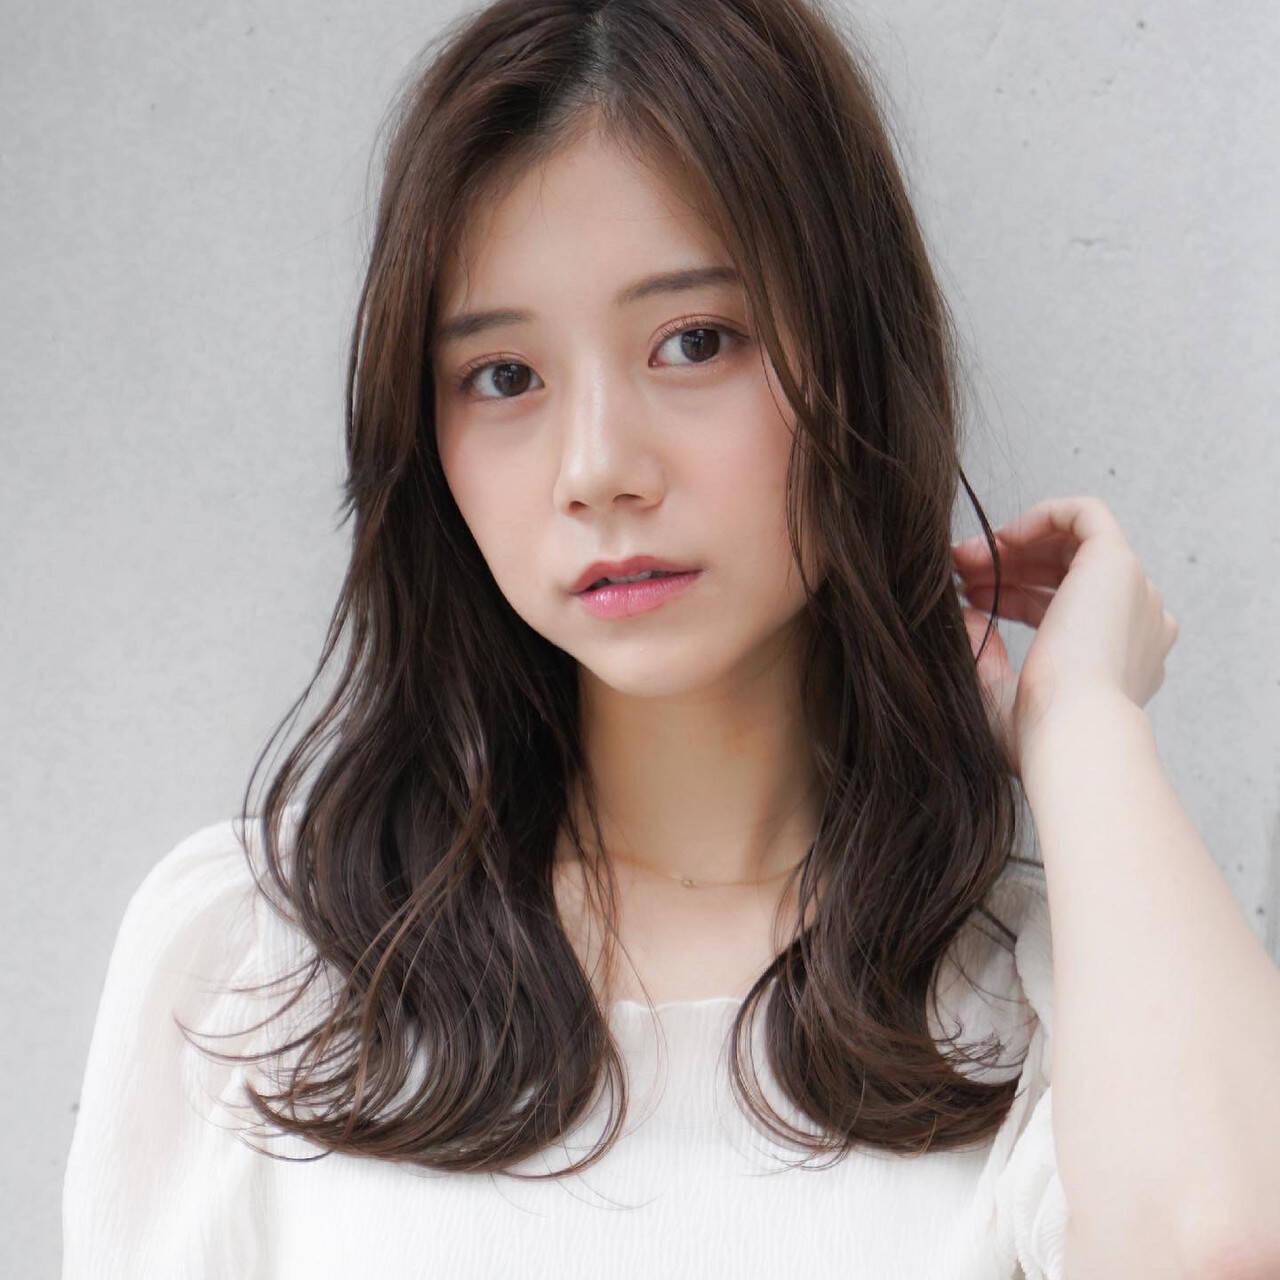 前髪 似合わせカット ひし形シルエット 髪質改善トリートメントヘアスタイルや髪型の写真・画像